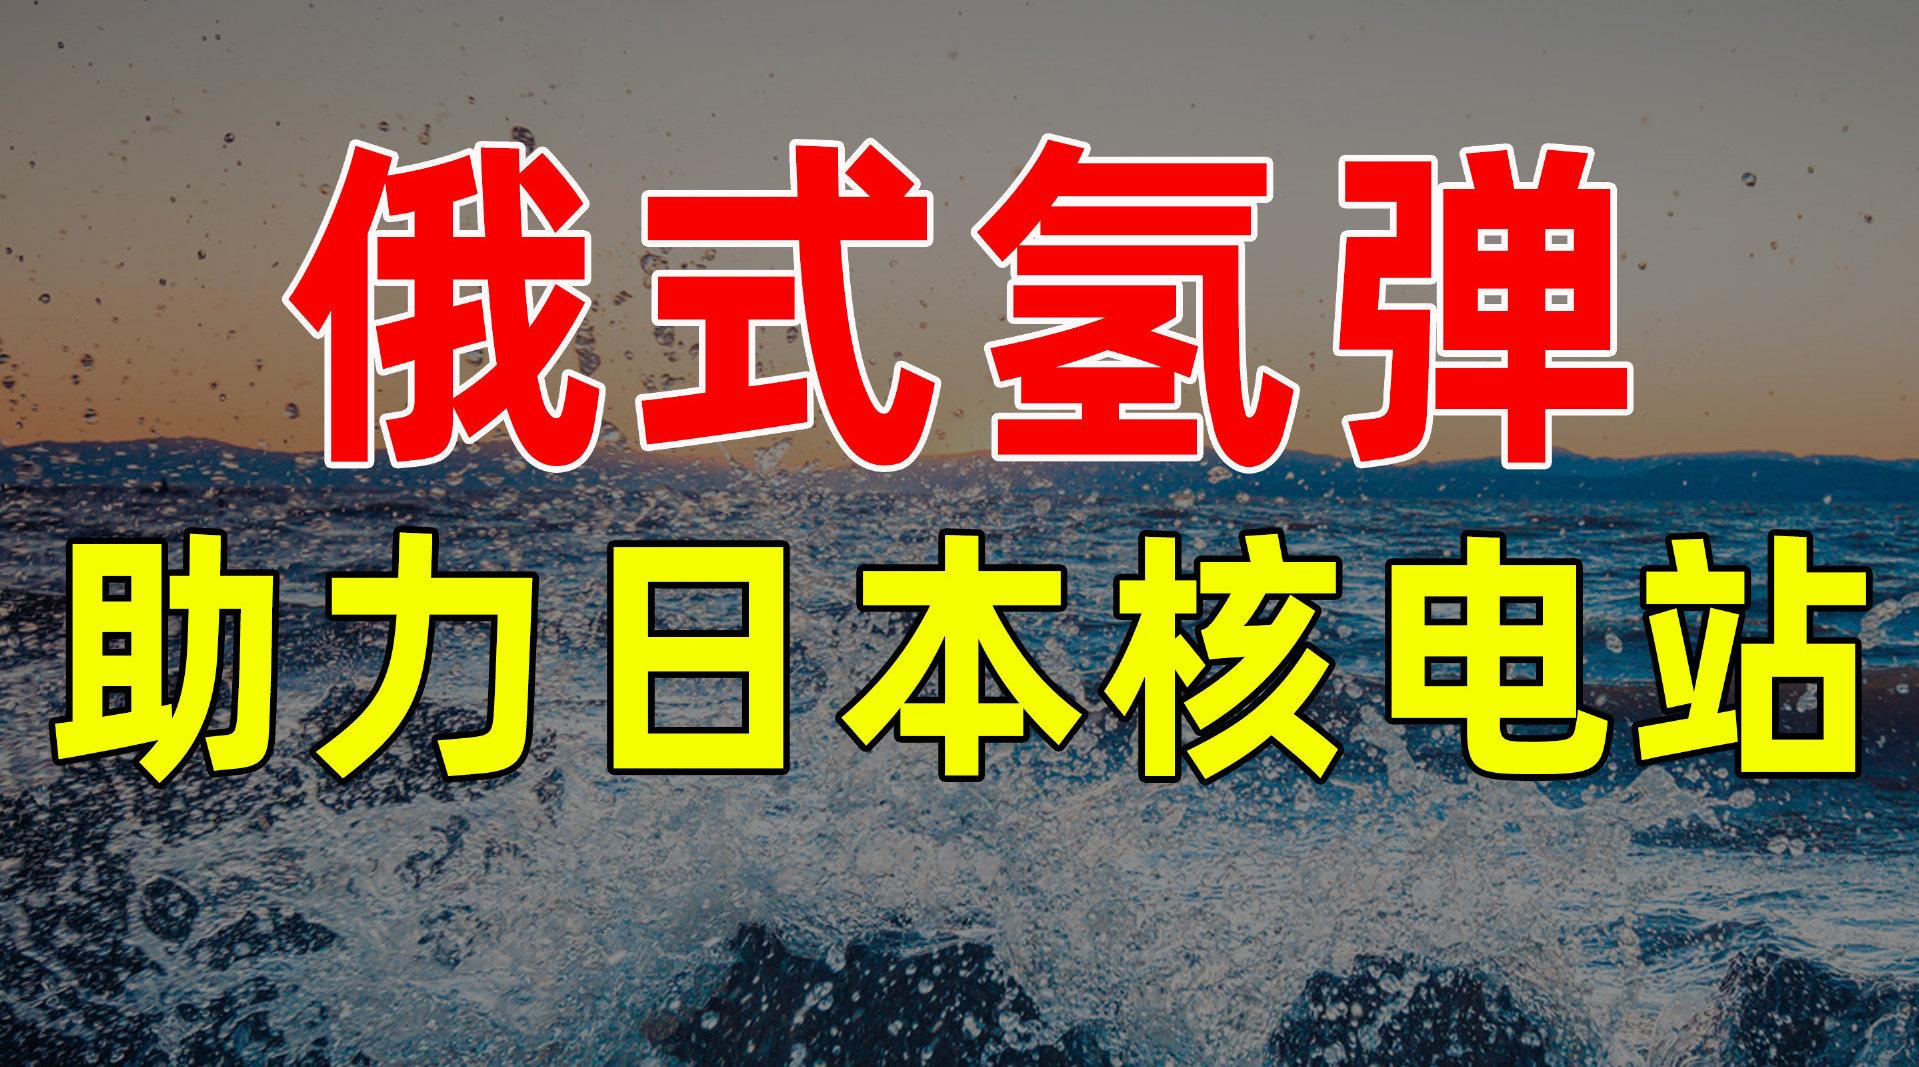 【半佛】氢弹可以解决核电站废水问题